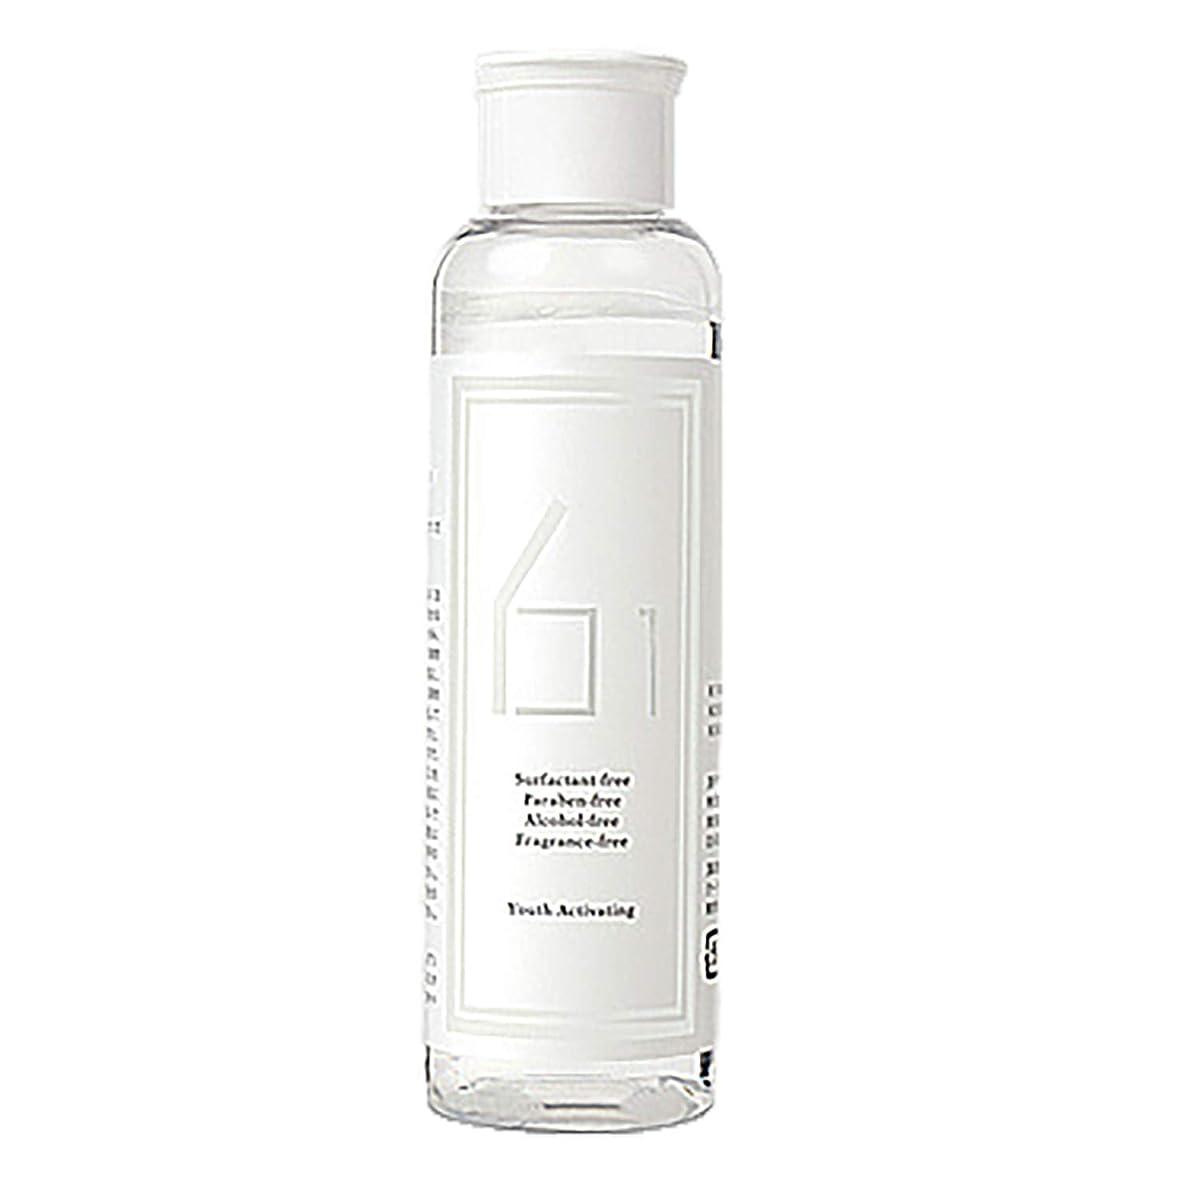 アナニバーセイはさておき従順な61 (ロクイチ) 化粧水 乳酸菌 H61 配合 150ml (1本)